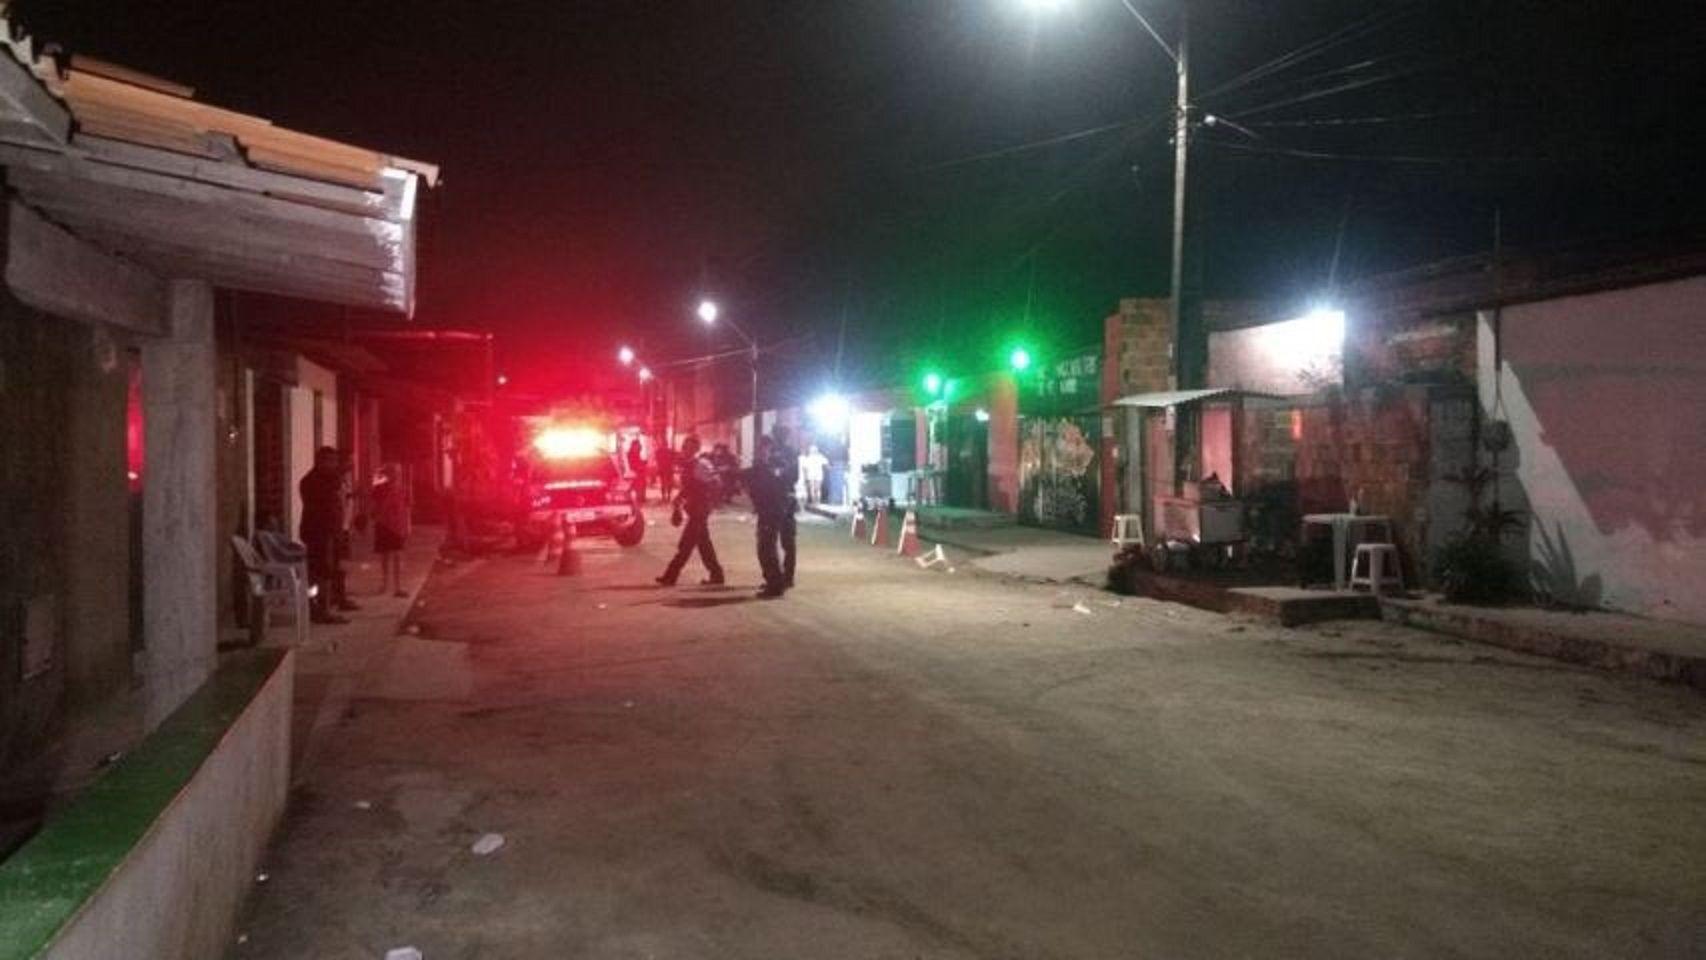 Brasil: tiroteo entre bandas narco deja al menos 18 muertos en un boliche de Fortaleza